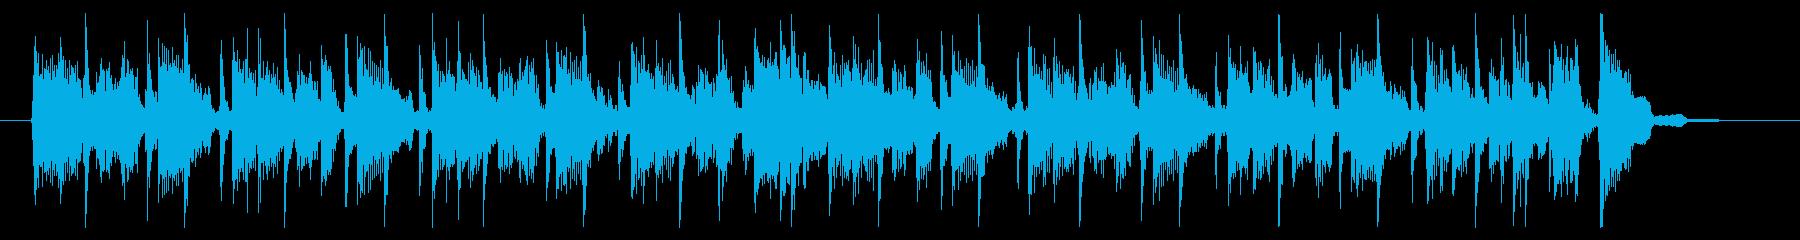 渋〜い! 70年代ロック風BGMの再生済みの波形